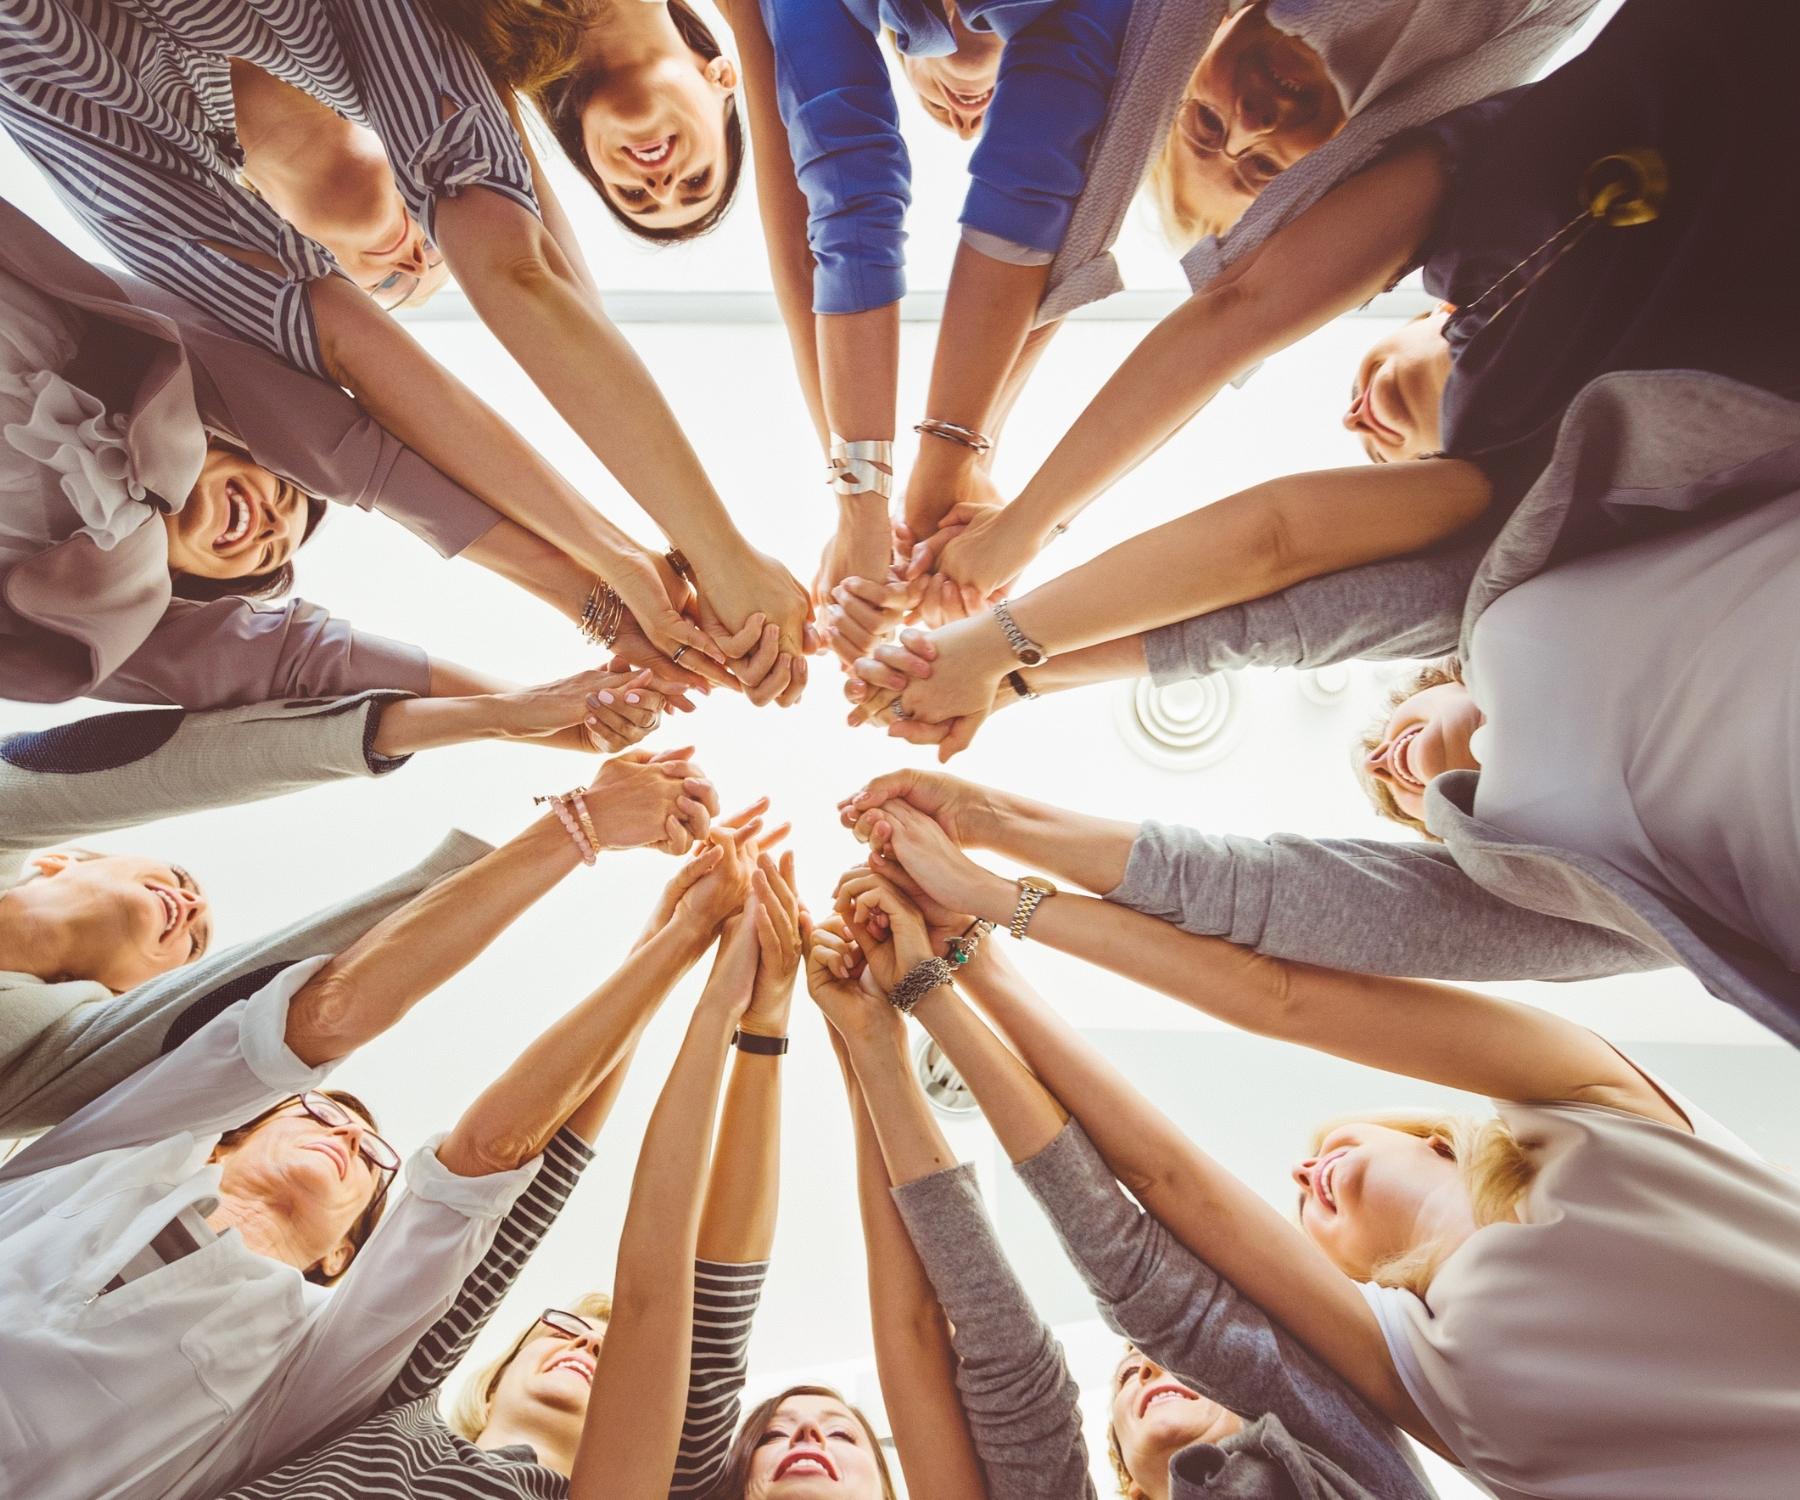 TrabajoEnEquipo, InteligenciaEmocional, CompetenciasSociales